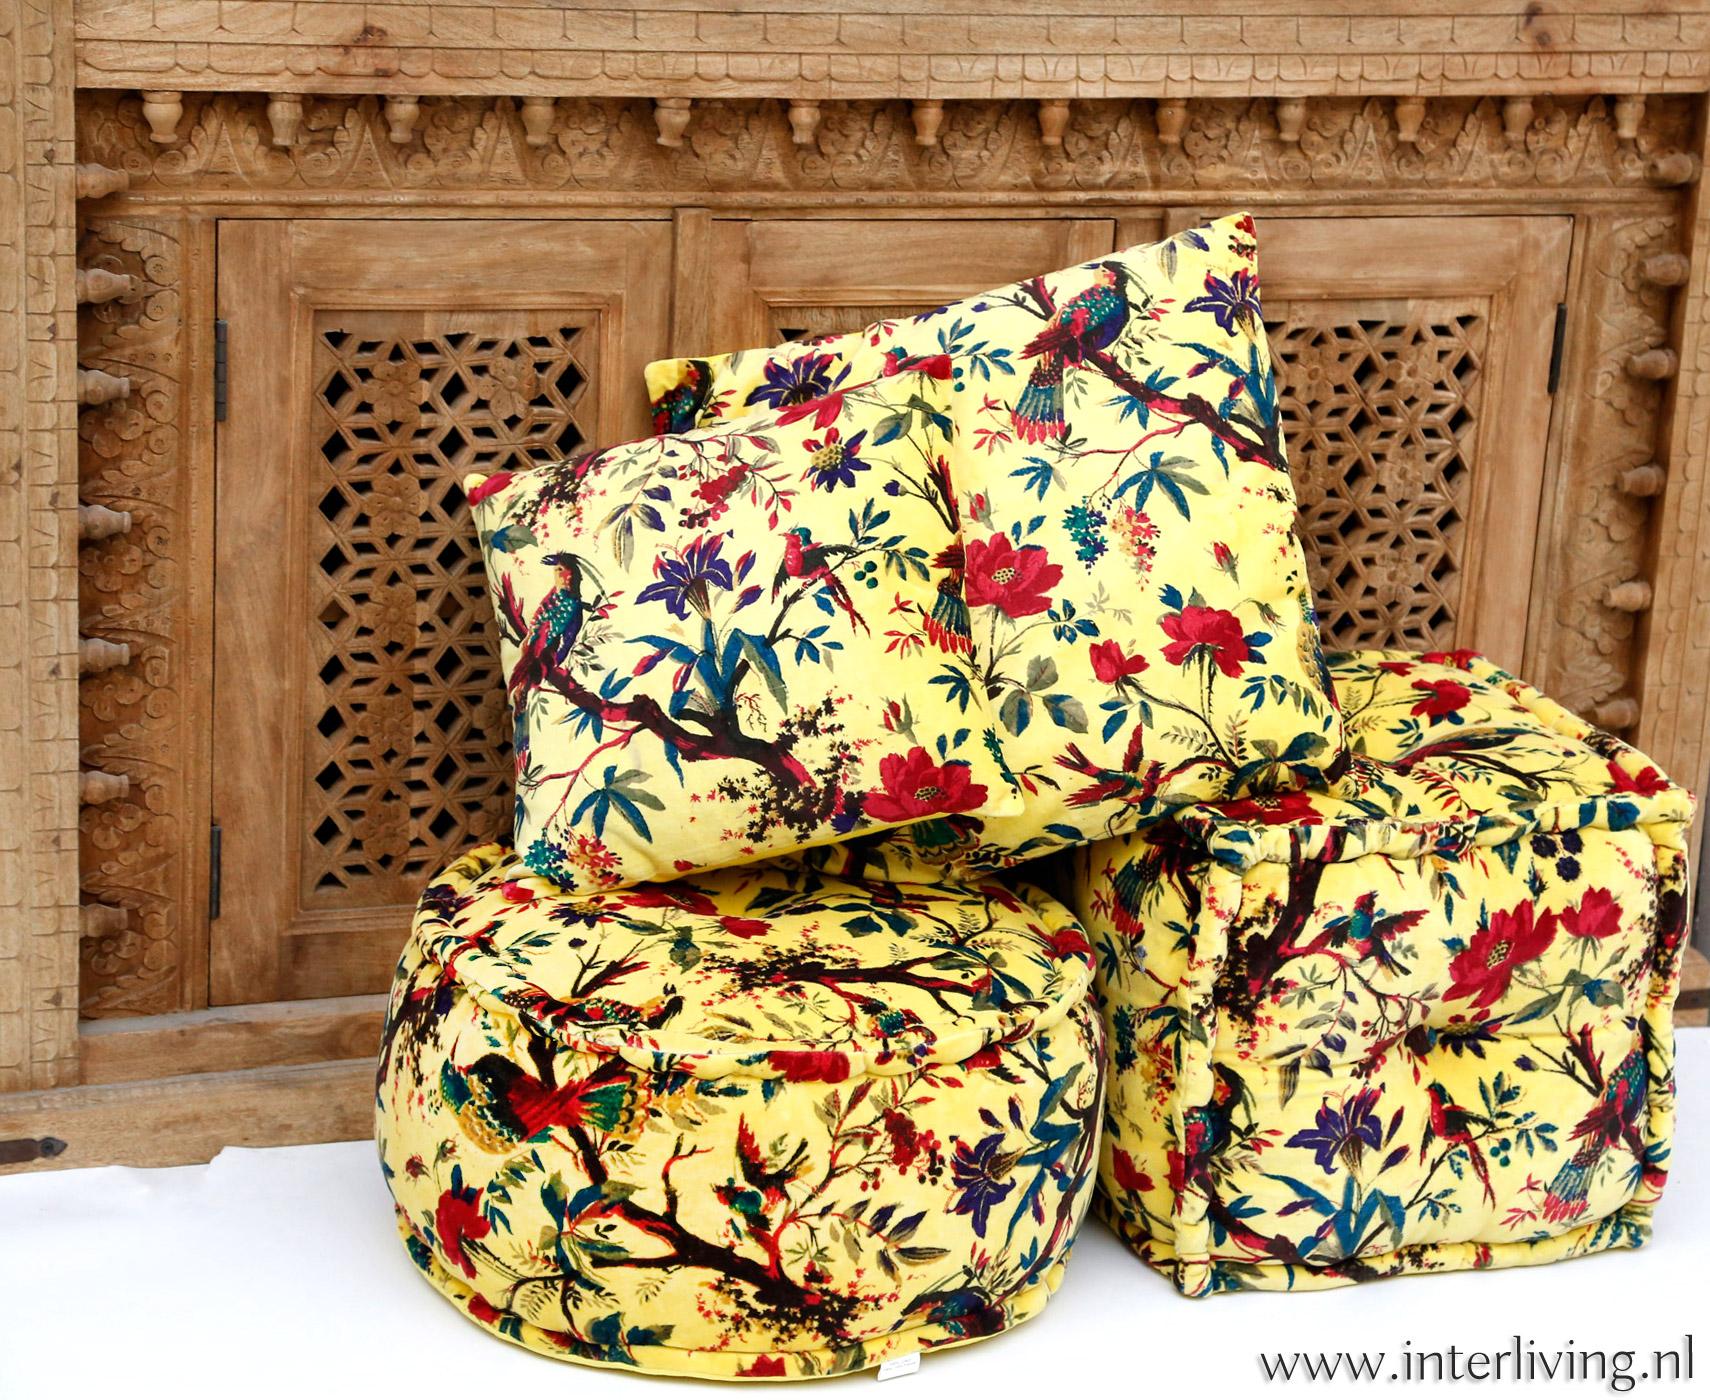 vrolijke gele boho kussens van fluweel met vogels en bloemen print